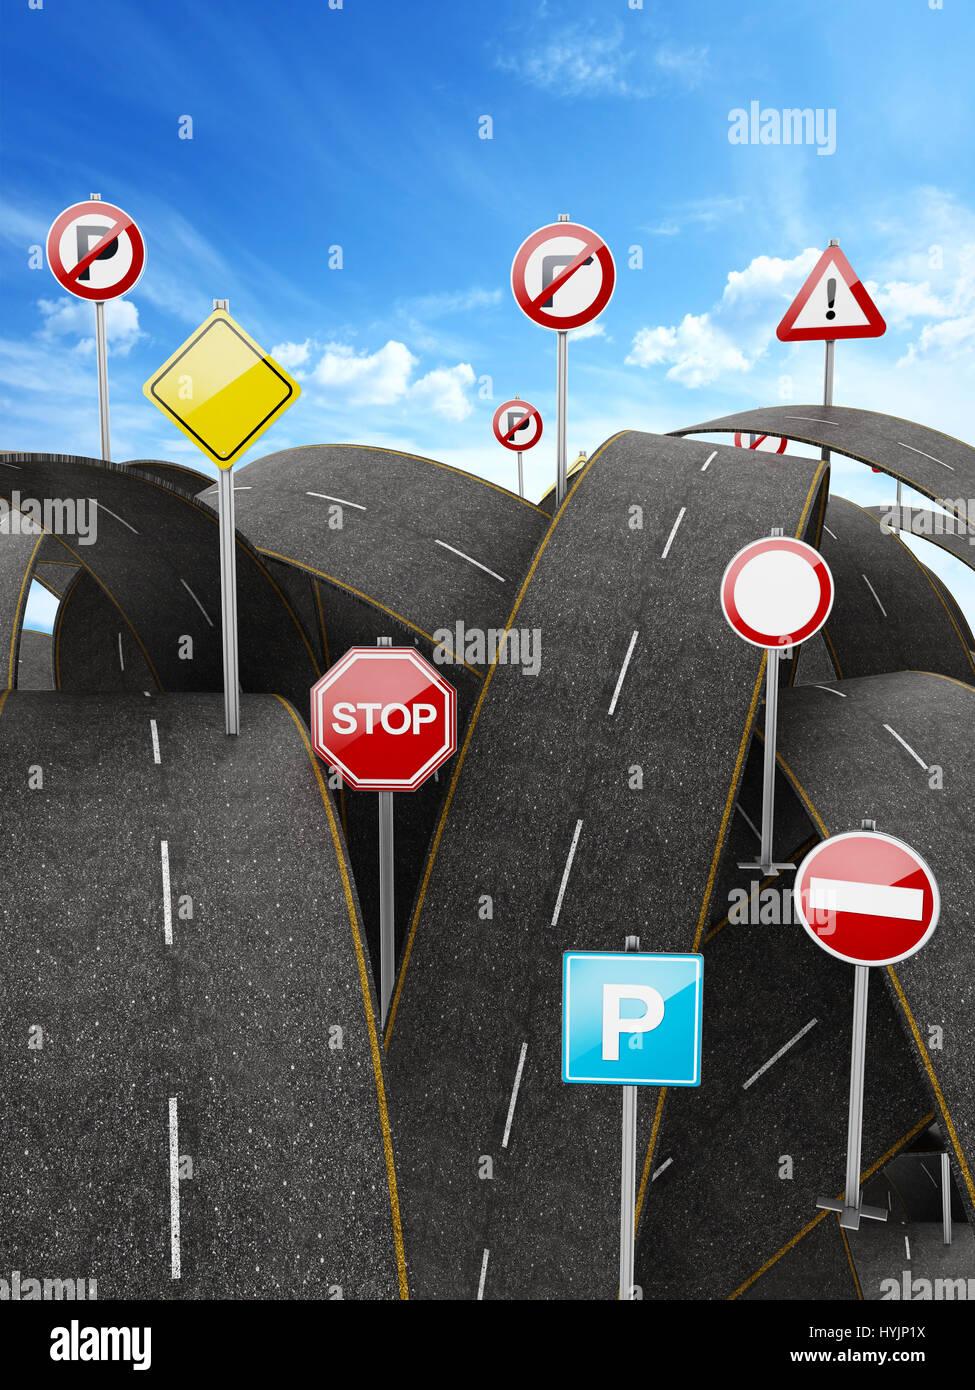 Enredado, caótico, lleno de caminos y muchas señales de tráfico. Ilustración 3D Imagen De Stock